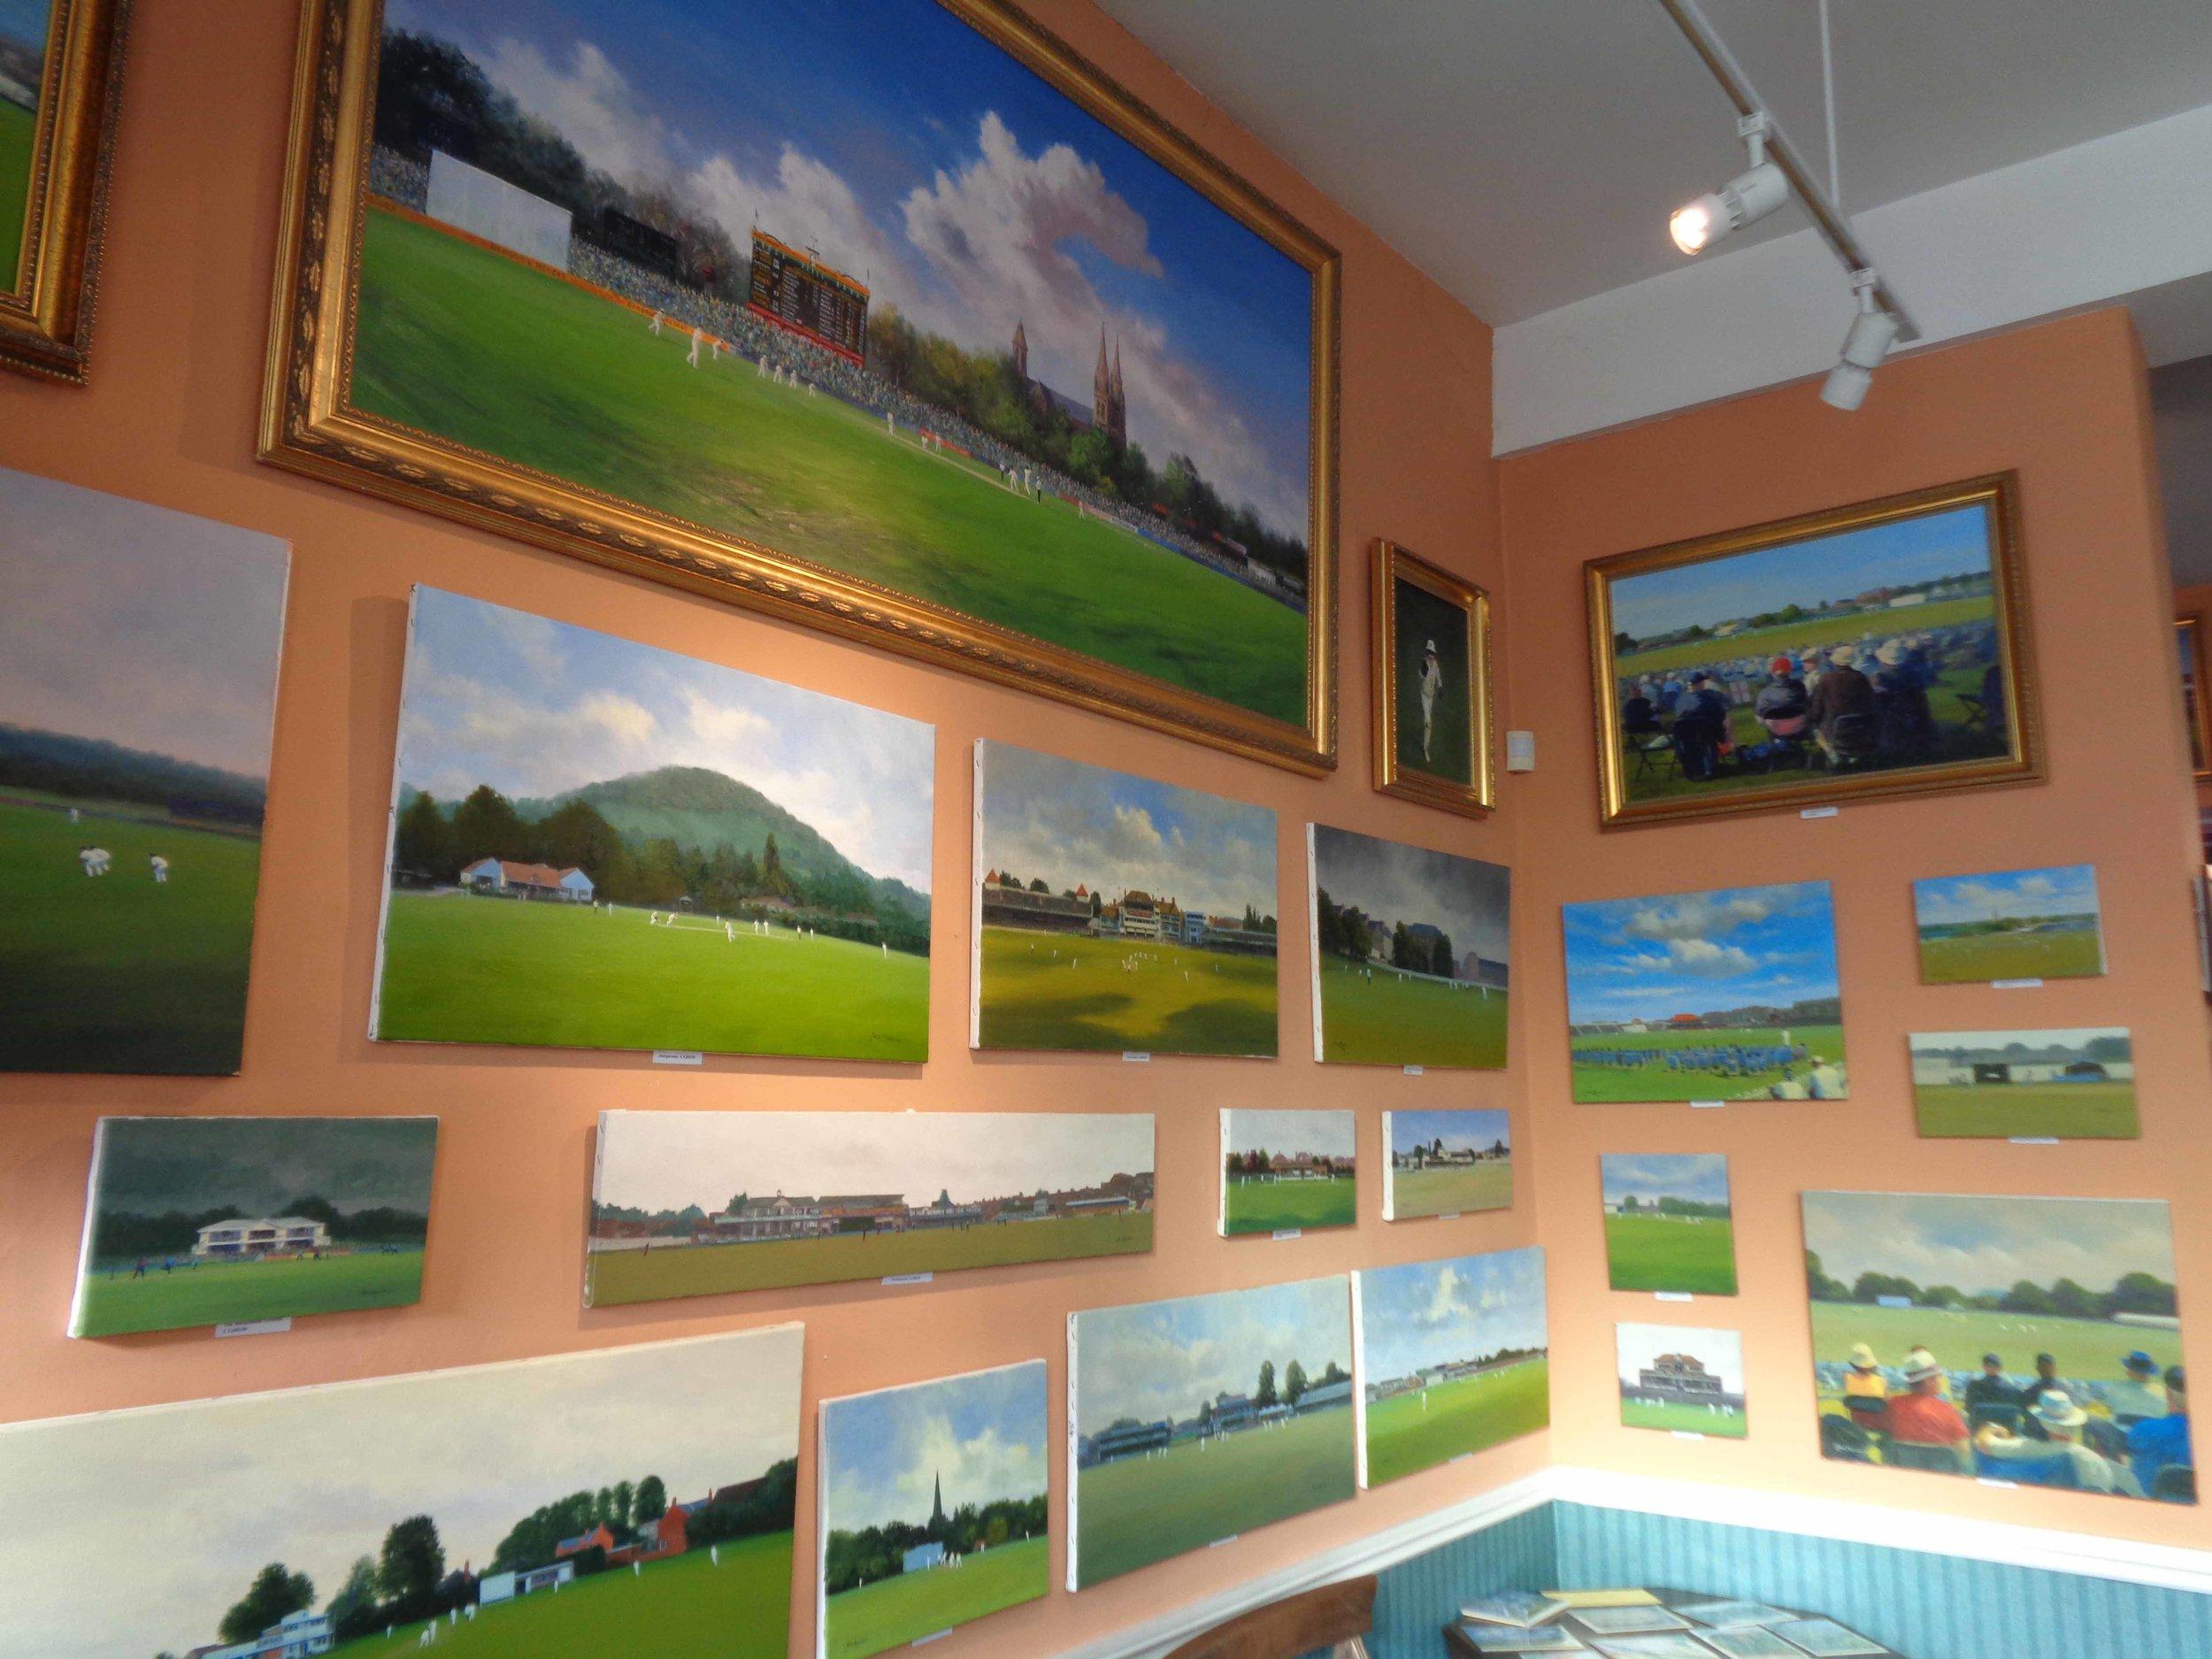 Gallery 004.JPG